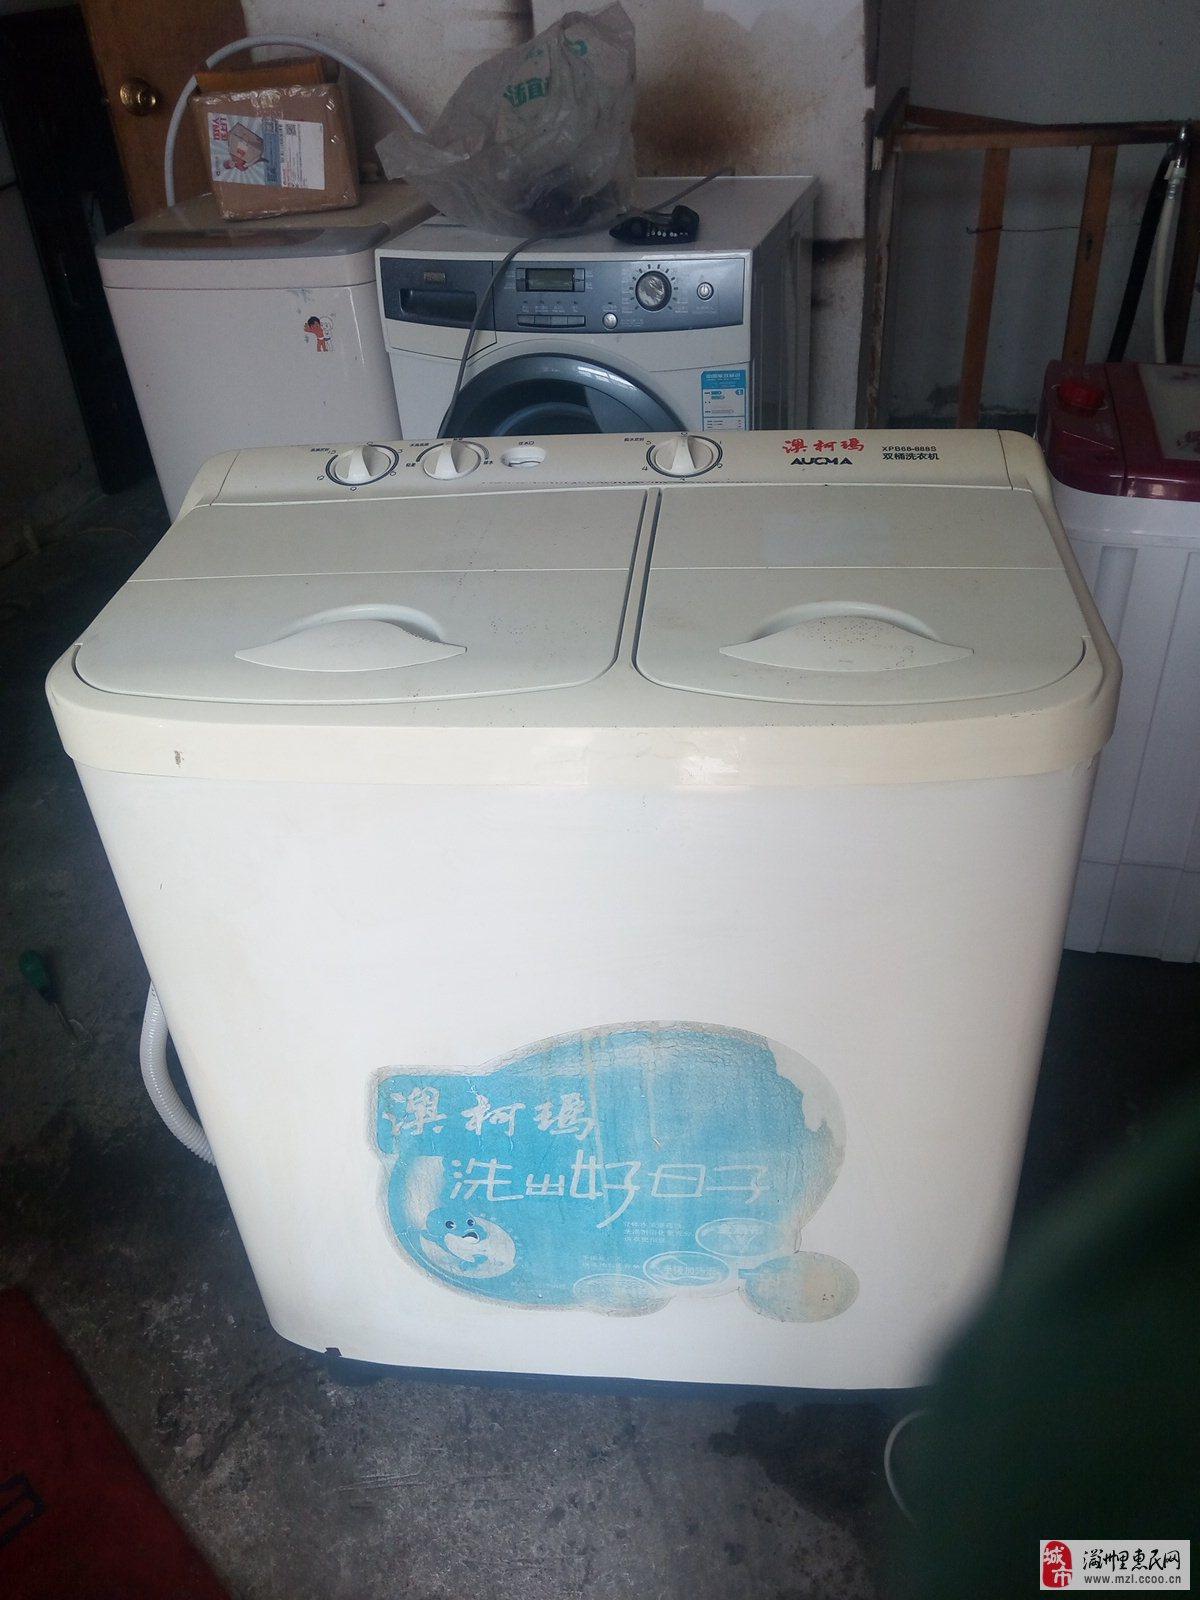 出售二手澳柯玛双桶洗衣机.